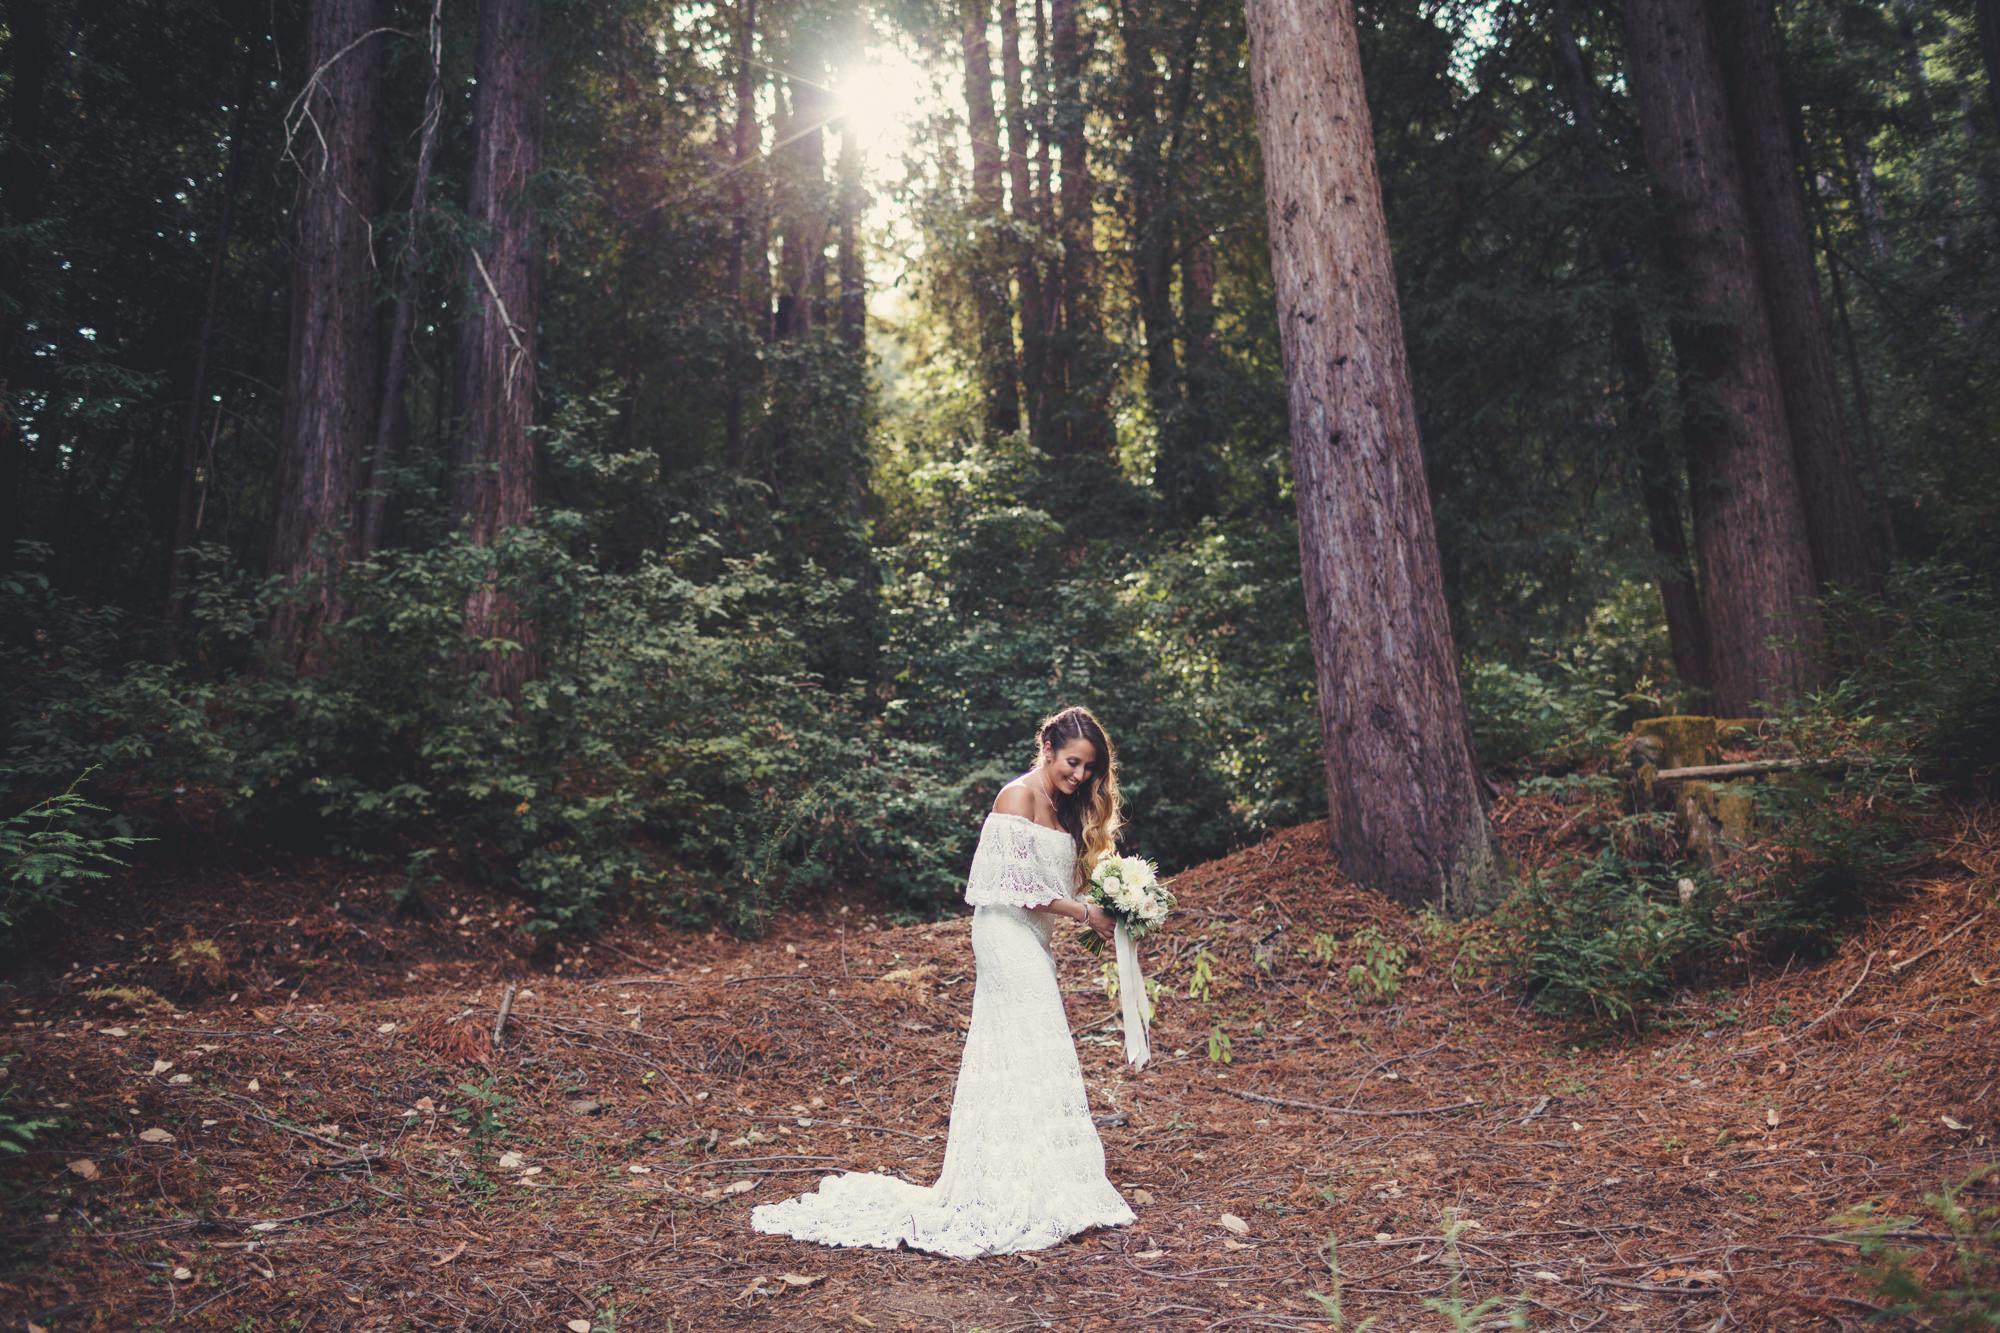 Sequoia Retreat Center Wedding@Anne-Claire Brun 27